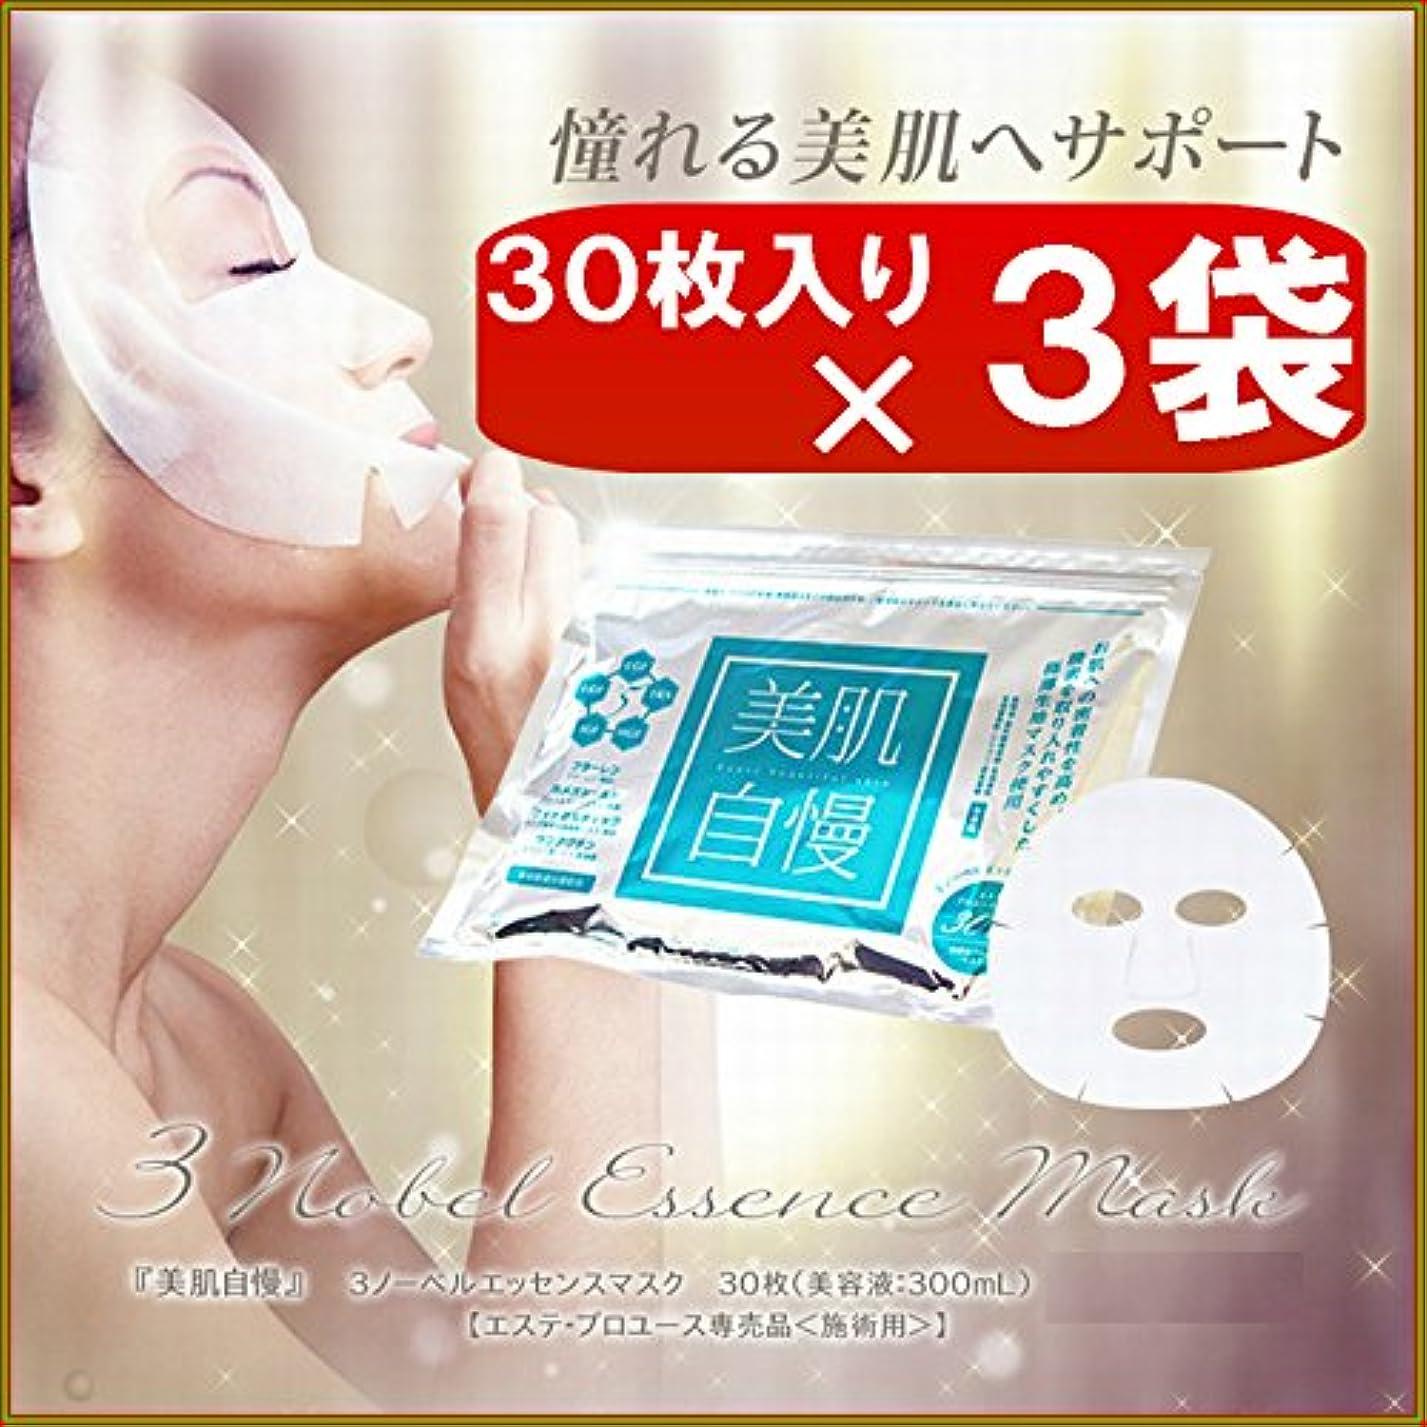 残忍な学校の先生広く美肌自慢フェイスマスク 30枚入り ×お得3袋セット 《エッセンスマスク、EGF、IGF、ヒアルロン酸、プラセンタ、アルブチン、カタツムリエキス、しみ、しわ》